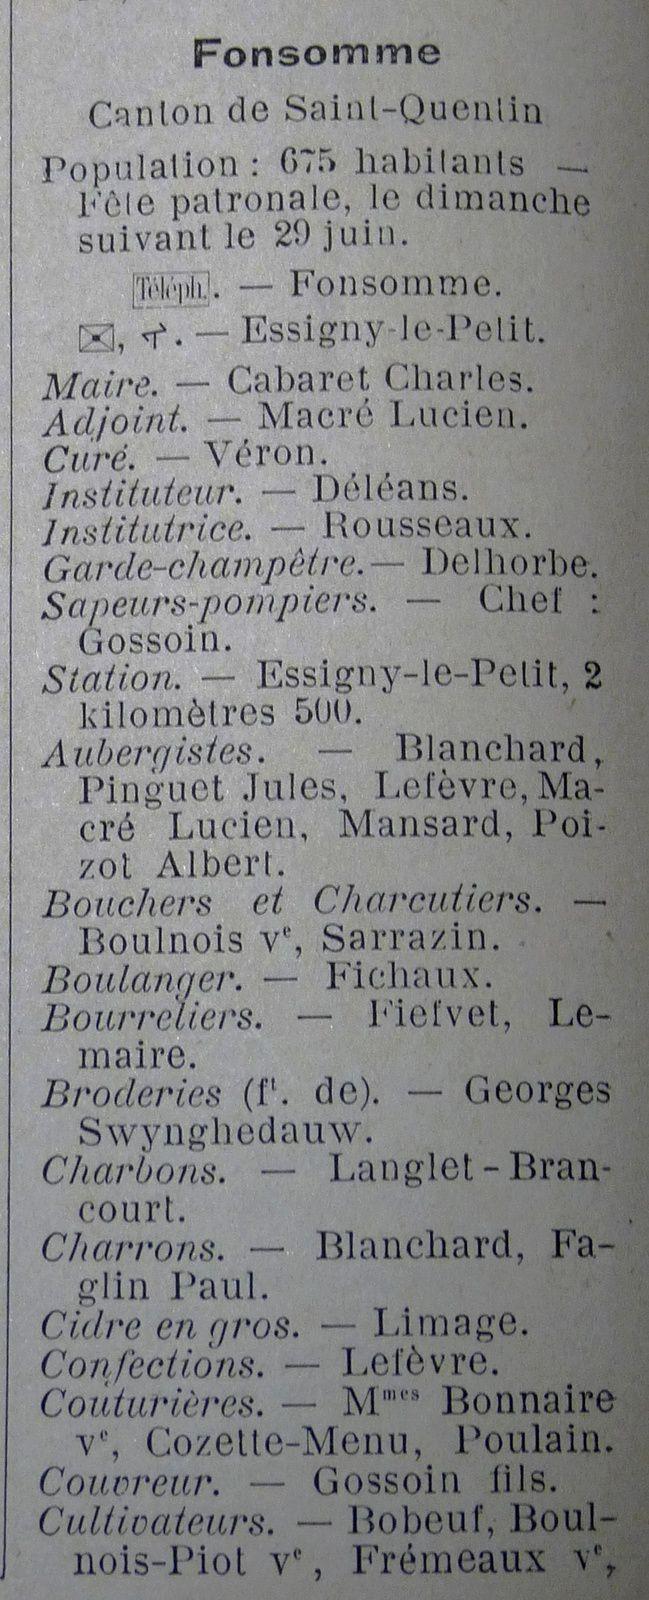 Source : Bibliothèque municipale de Saint-Quentin